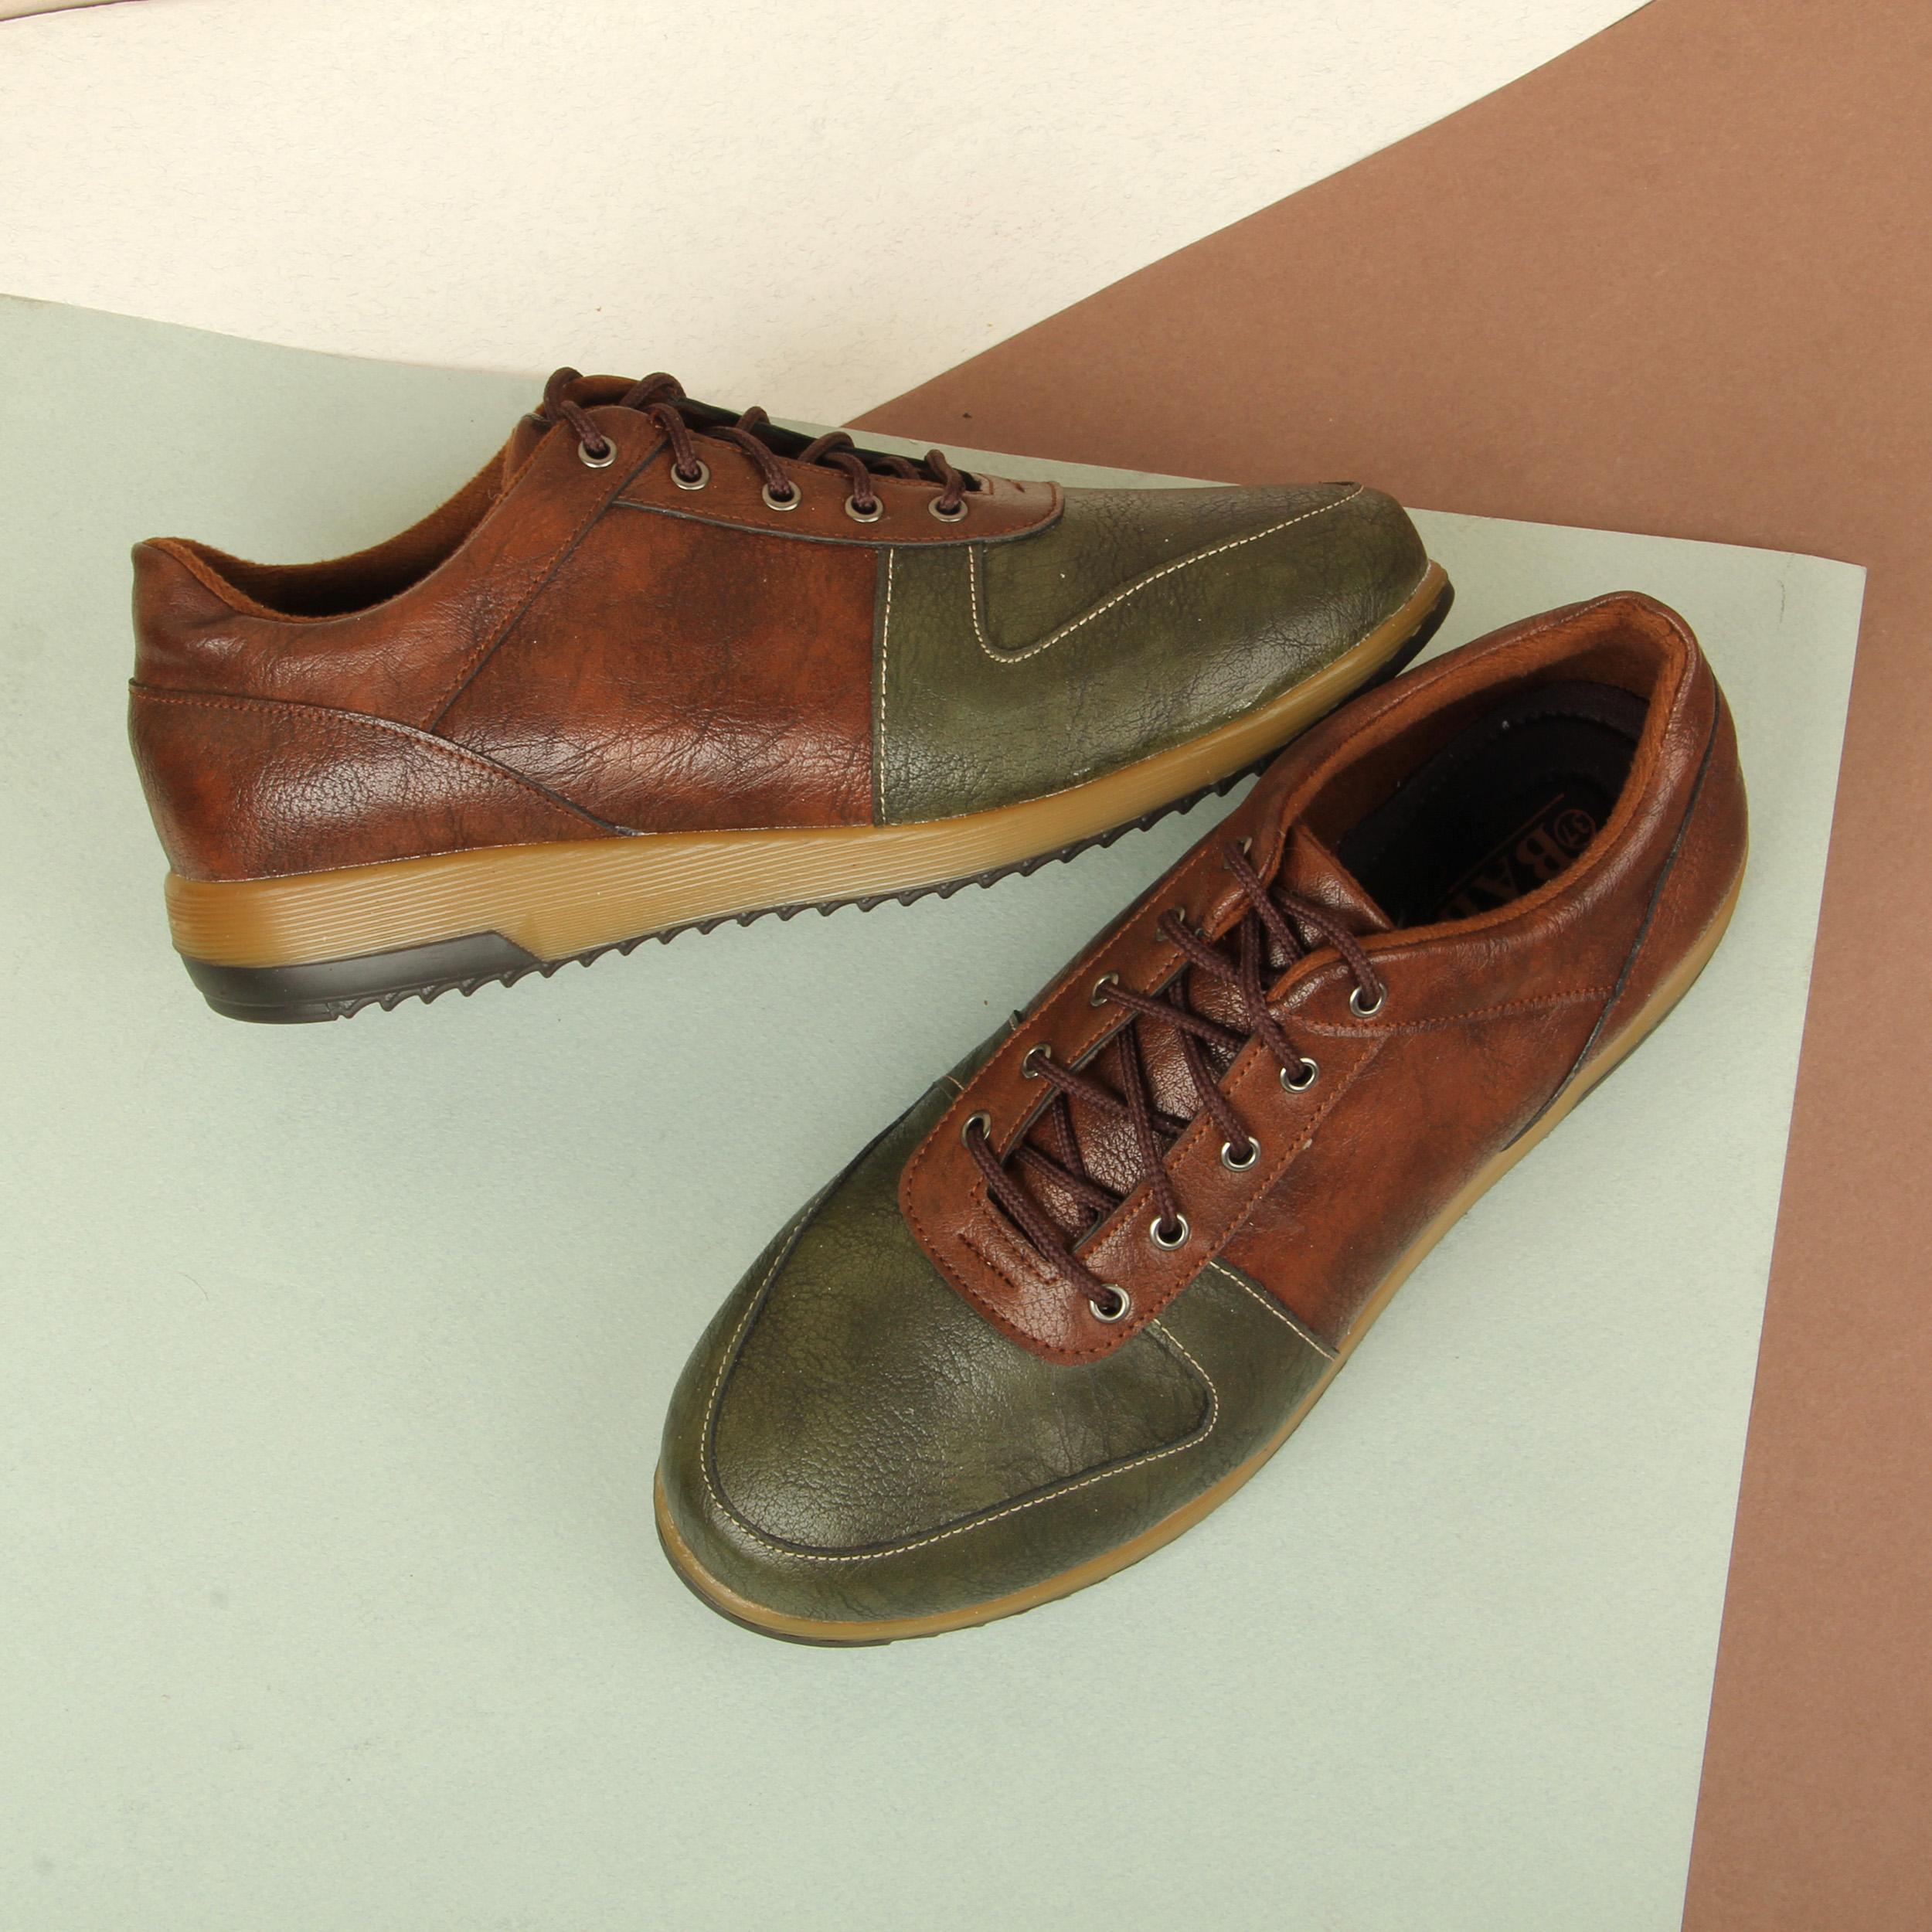 ست کیف و کفش زنانه باب مدل بهار کد 928-3 thumb 2